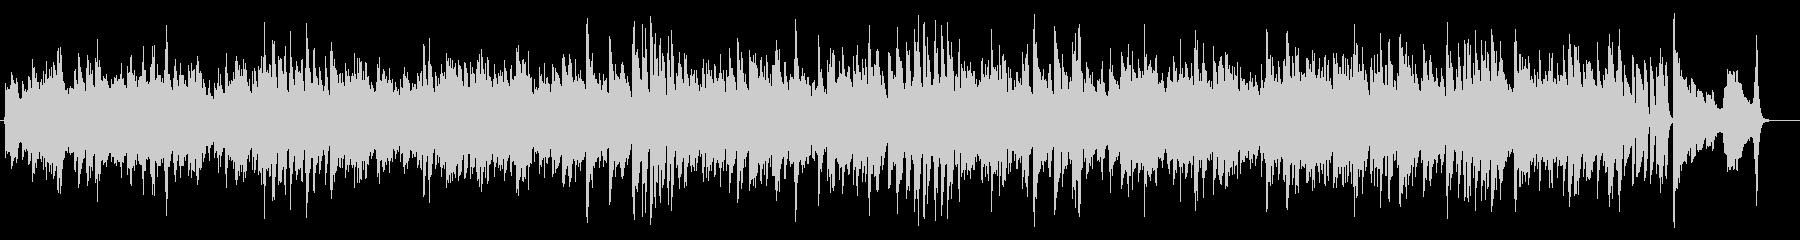 オーソドックスな4ビートの C ブルースの未再生の波形